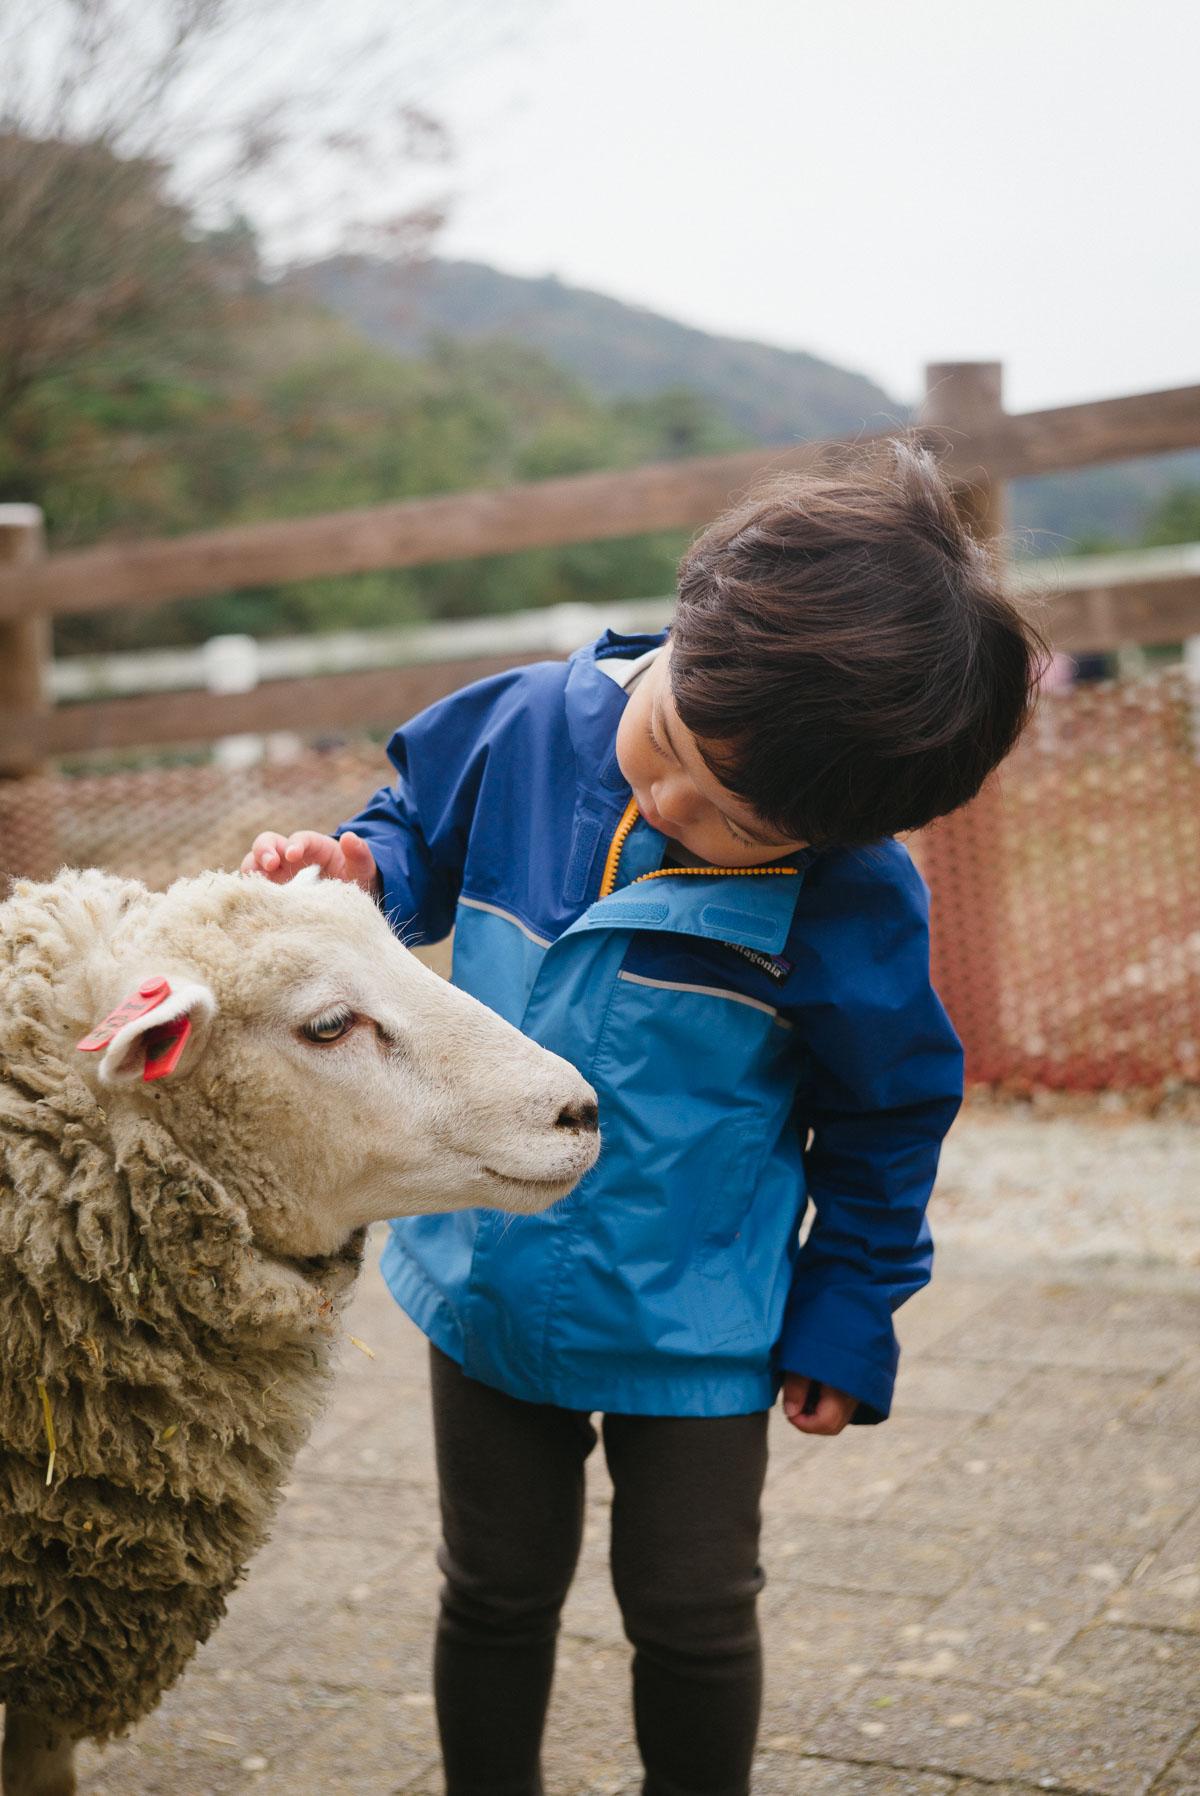 羊の耳を執拗に触るタイチ